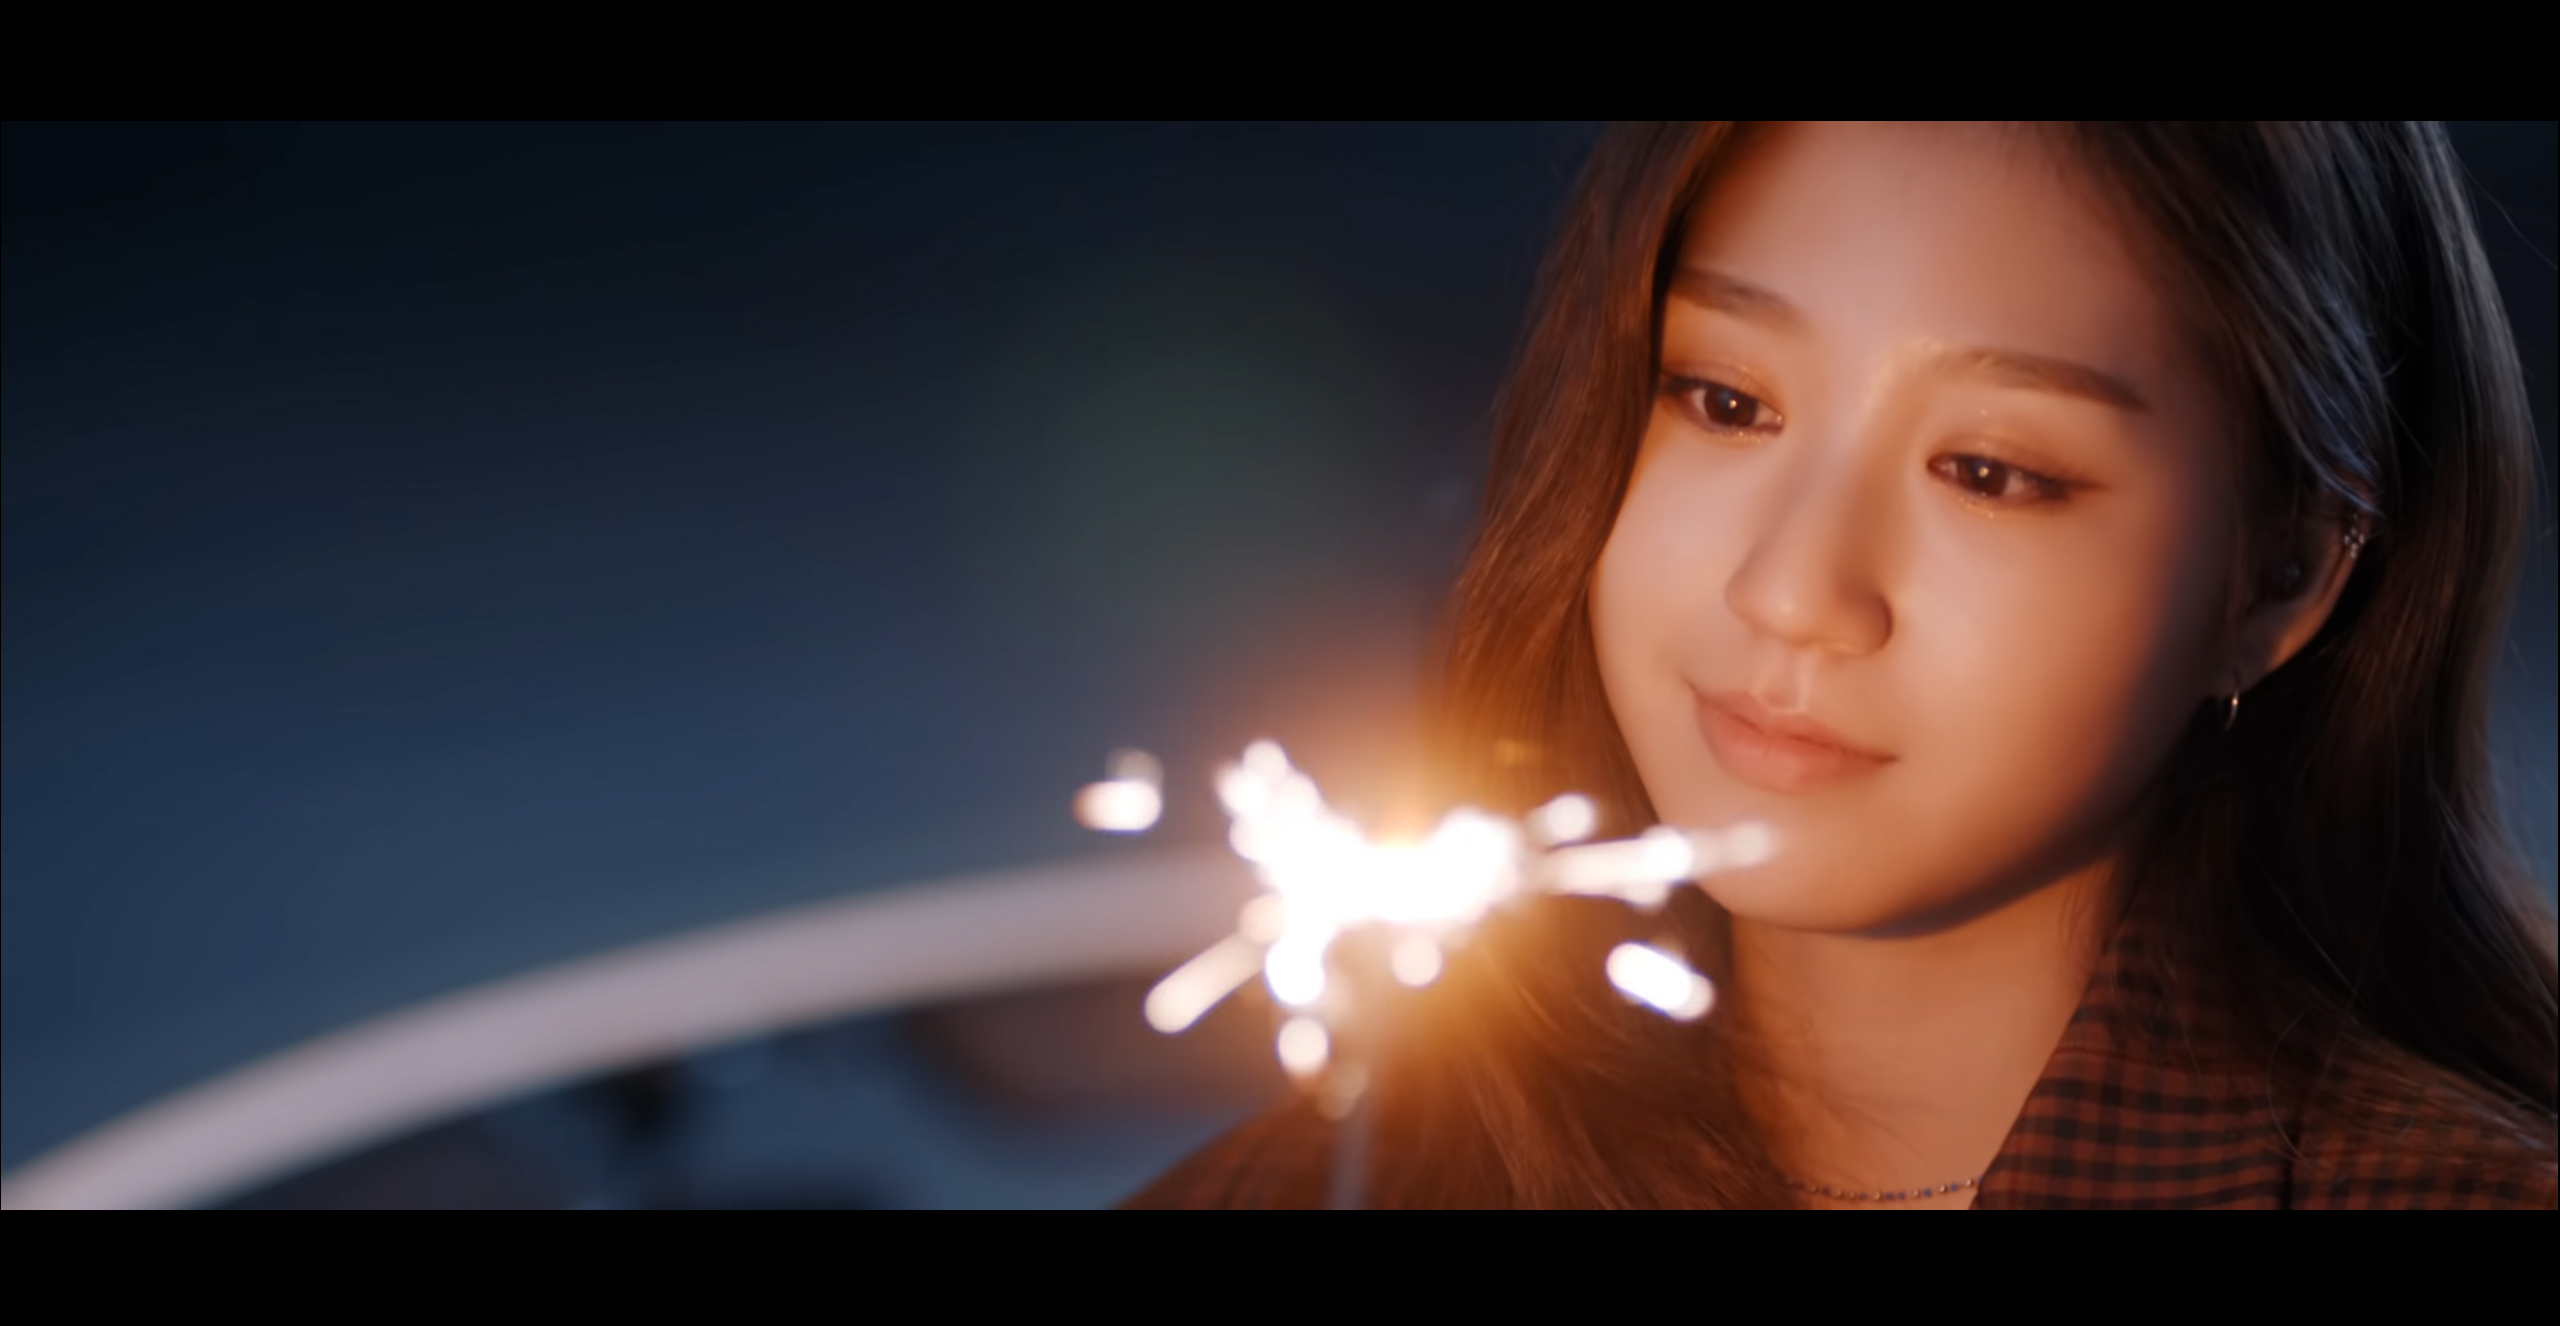 韓国でバラードの女王と評されるBEN(ベン)が贈る最新シングル『一人で飲みたい夜』12月18日より日本での配信開始!